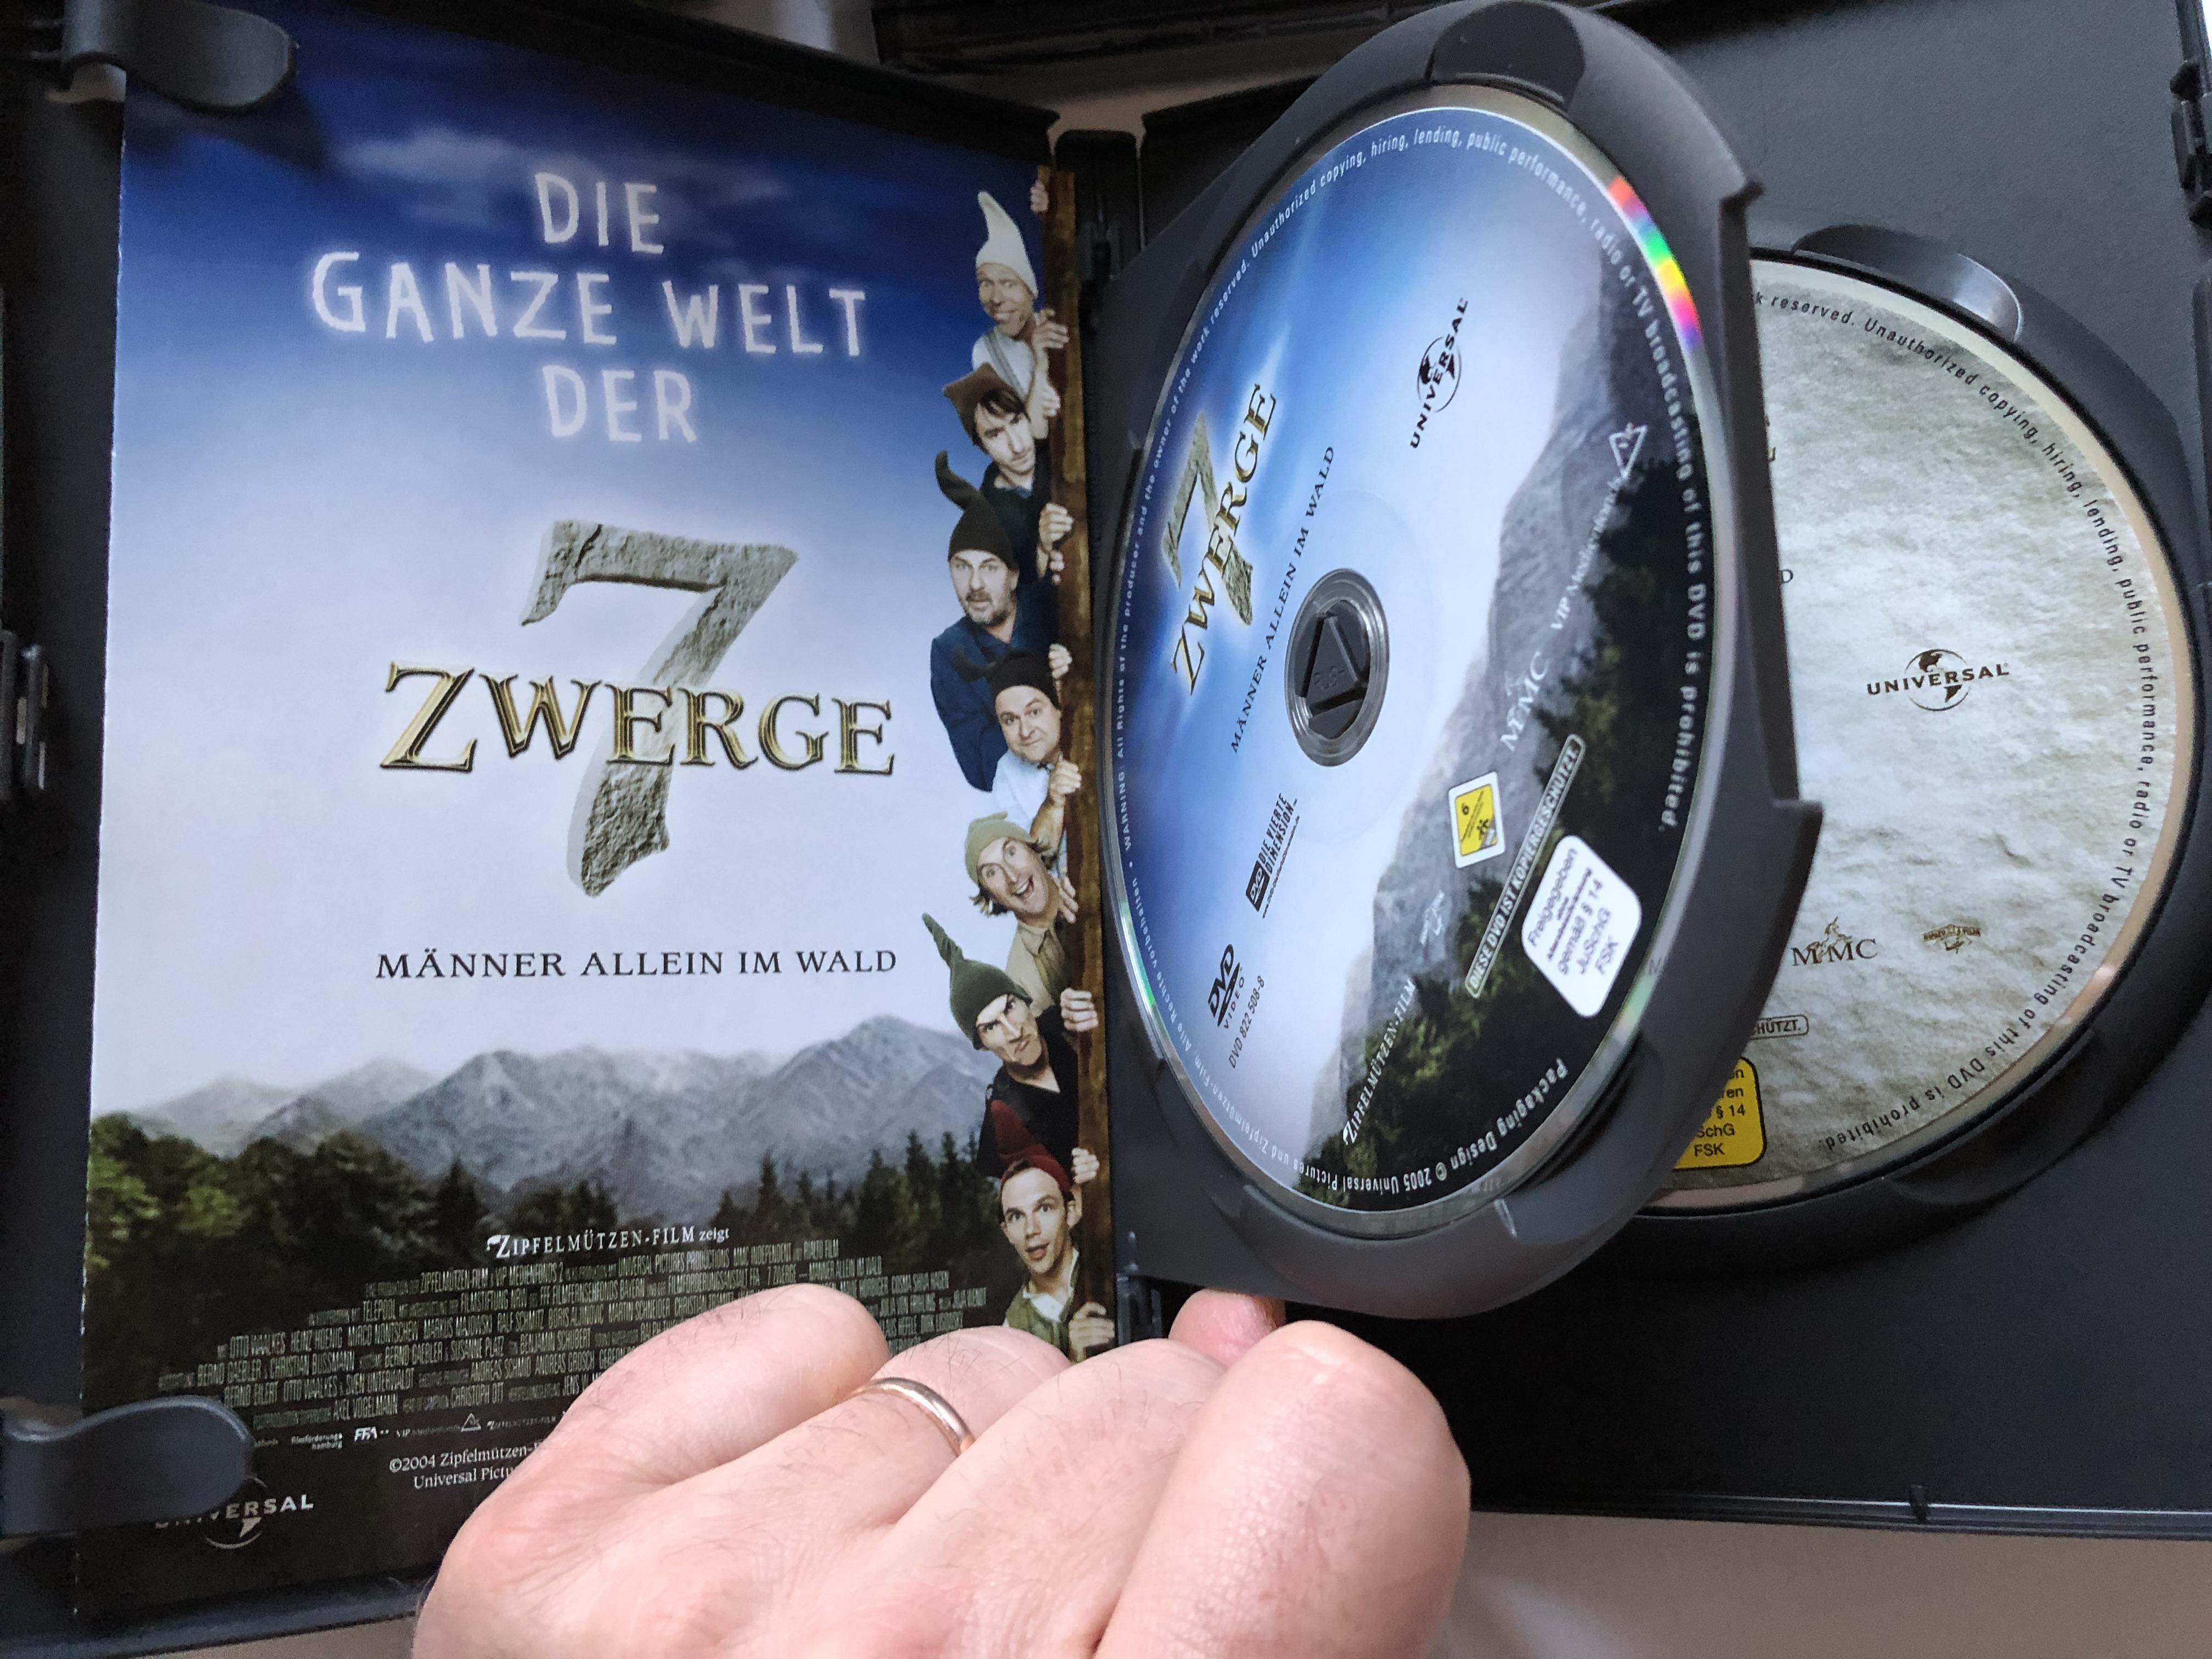 7-zwerge-m-nner-allein-im-wald-dvd-2004-7-dwarves-men-alone-in-the-wood-directed-by-sven-unterwaldt-jr.-starring-otto-waalkes-heinz-hoenig-mirco-nontschew-boris-aljinovic-die-zipfel-edition-2-dvd-2-.jpg